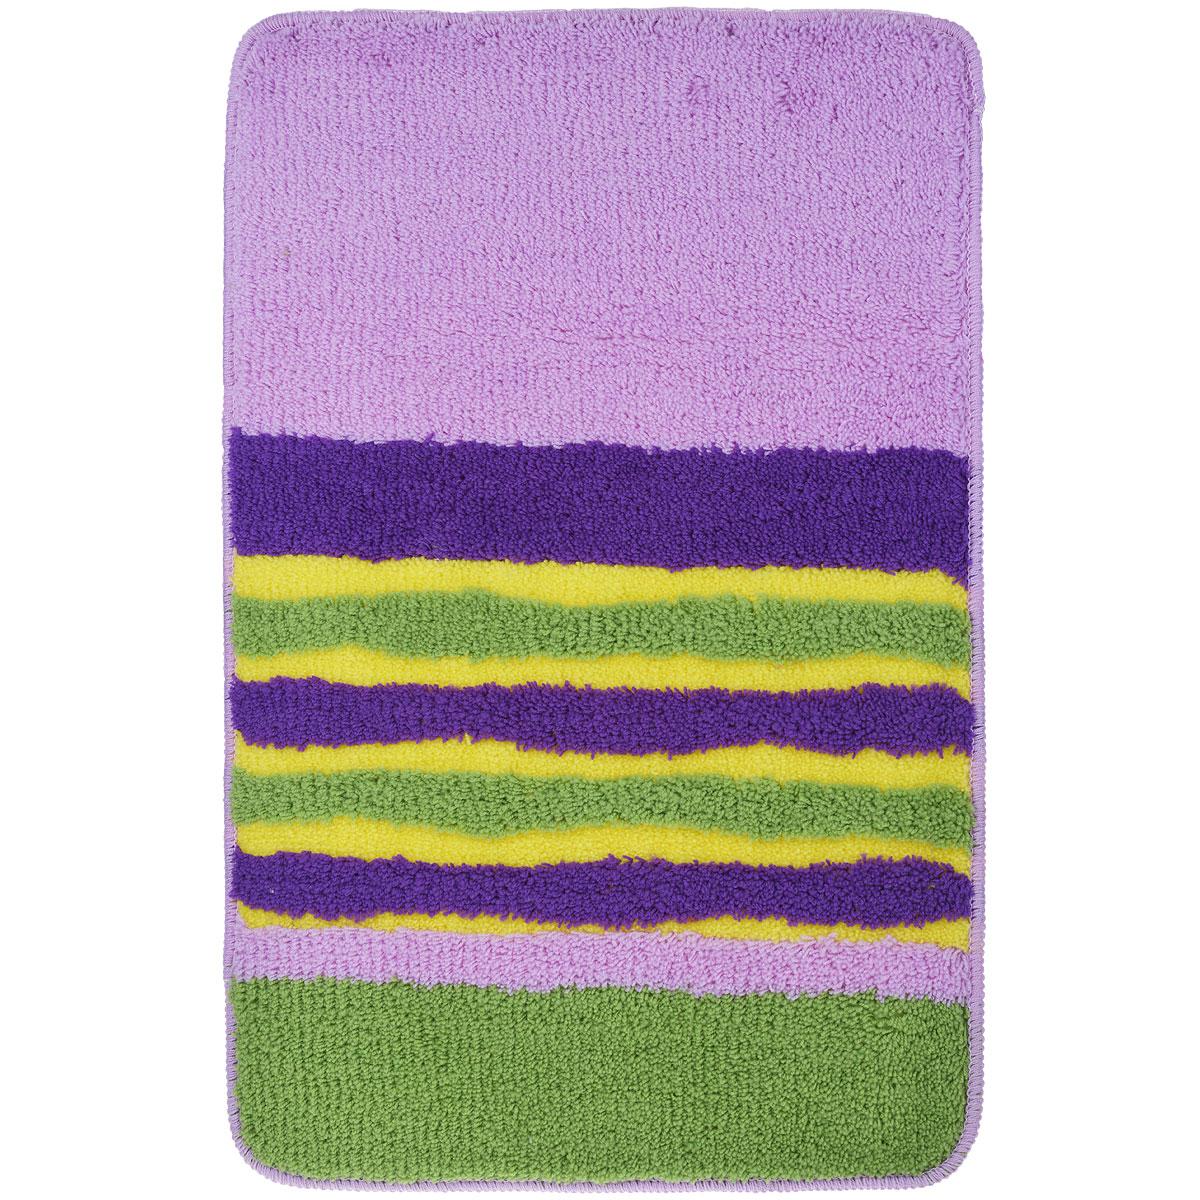 Коврик для ванной комнаты Fresh Code, цвет: сиреневый с полосками, 80 см х 50 смRG-D31SКоврик для ванной Fresh Code изготовлен из 100% акрила с латексной основой. Коврик, украшенный ярким цветным рисунком, создаст уют и комфорт в ванной комнате. Длинный ворс мягко соприкасается с кожей стоп, вызывая только приятные ощущения. Рекомендации по уходу: - стирать в ручном режиме, - не использовать отбеливатели, - не гладить,- не подходит для сухой чистки (химчистки).